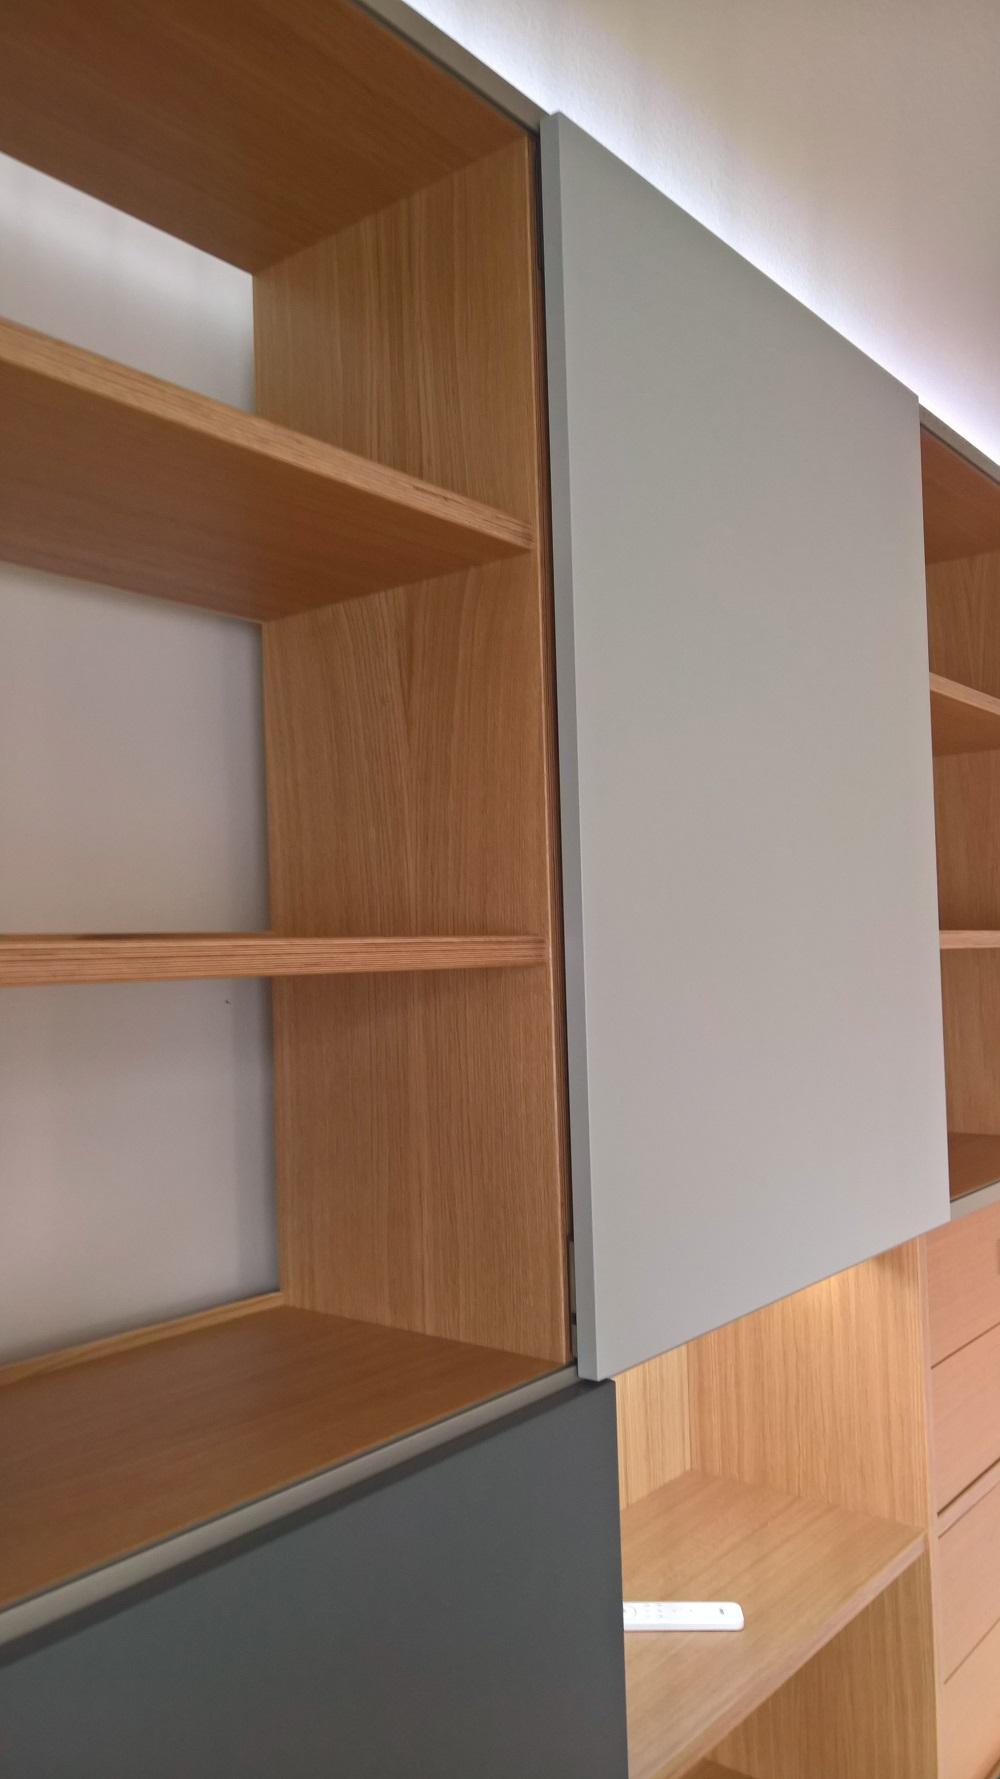 Wohnzimmermobel In Eiche 12 Tischlerei Braune